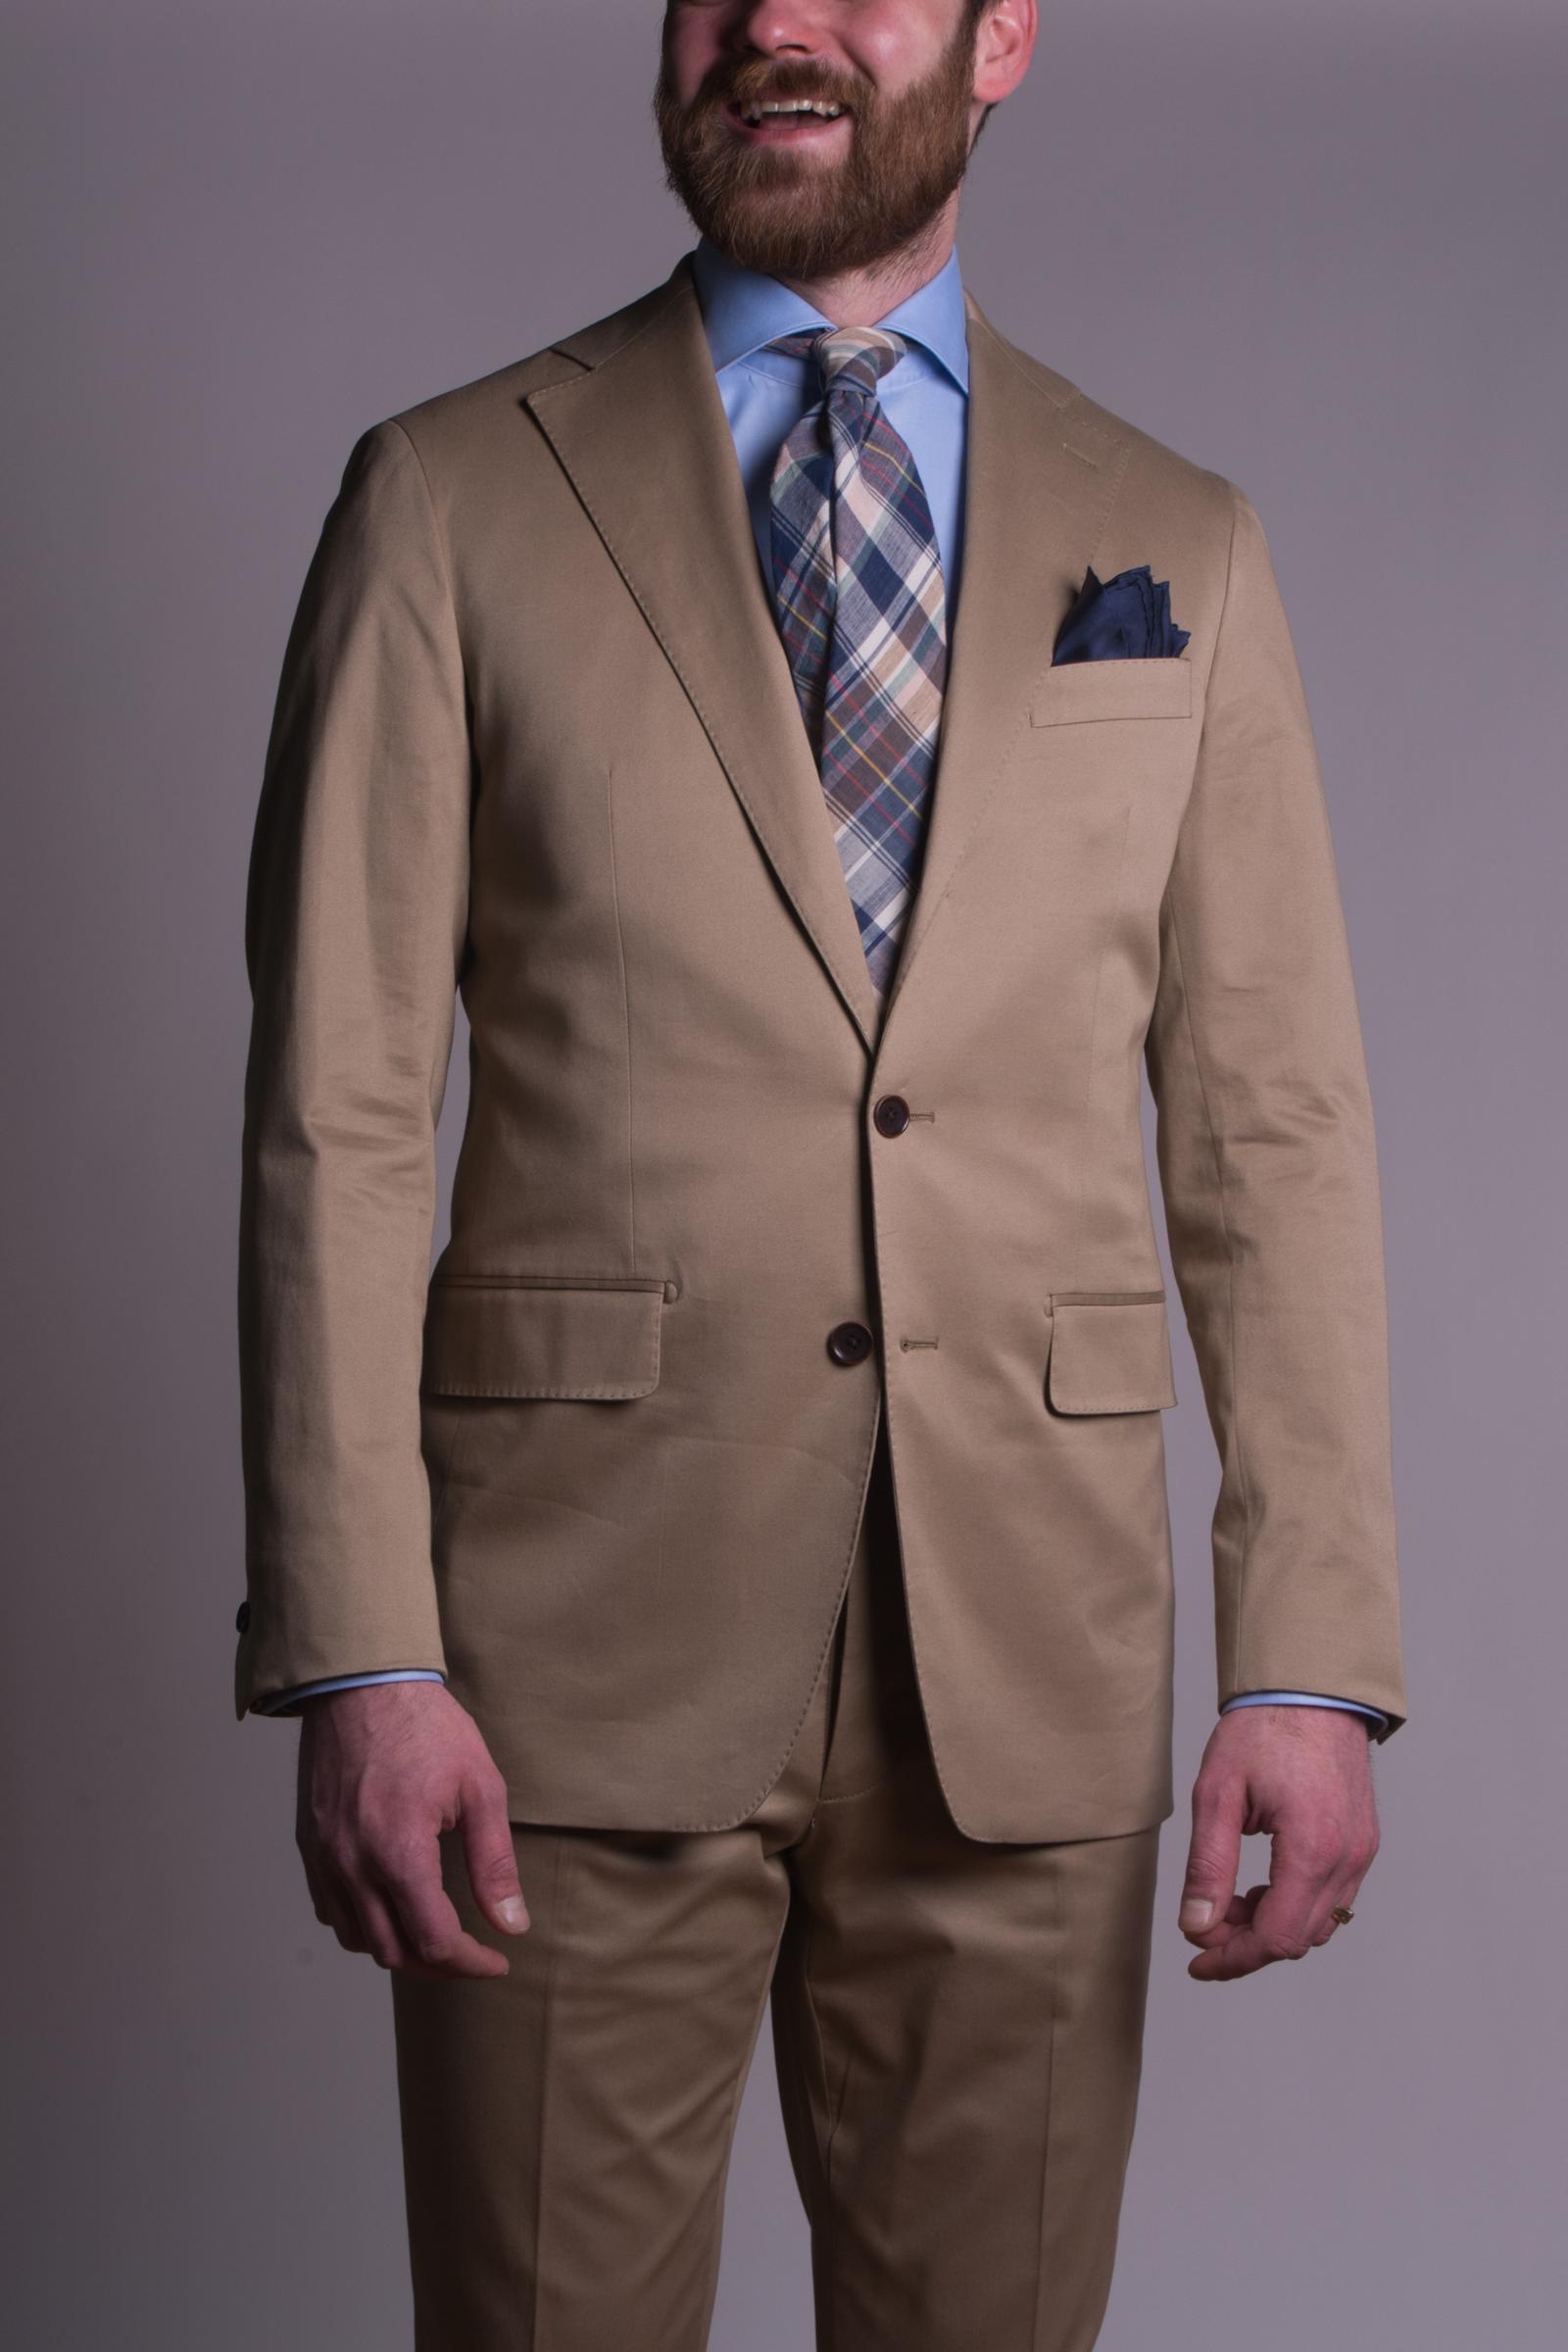 custom-suit-detroit-cotton-summer-suit